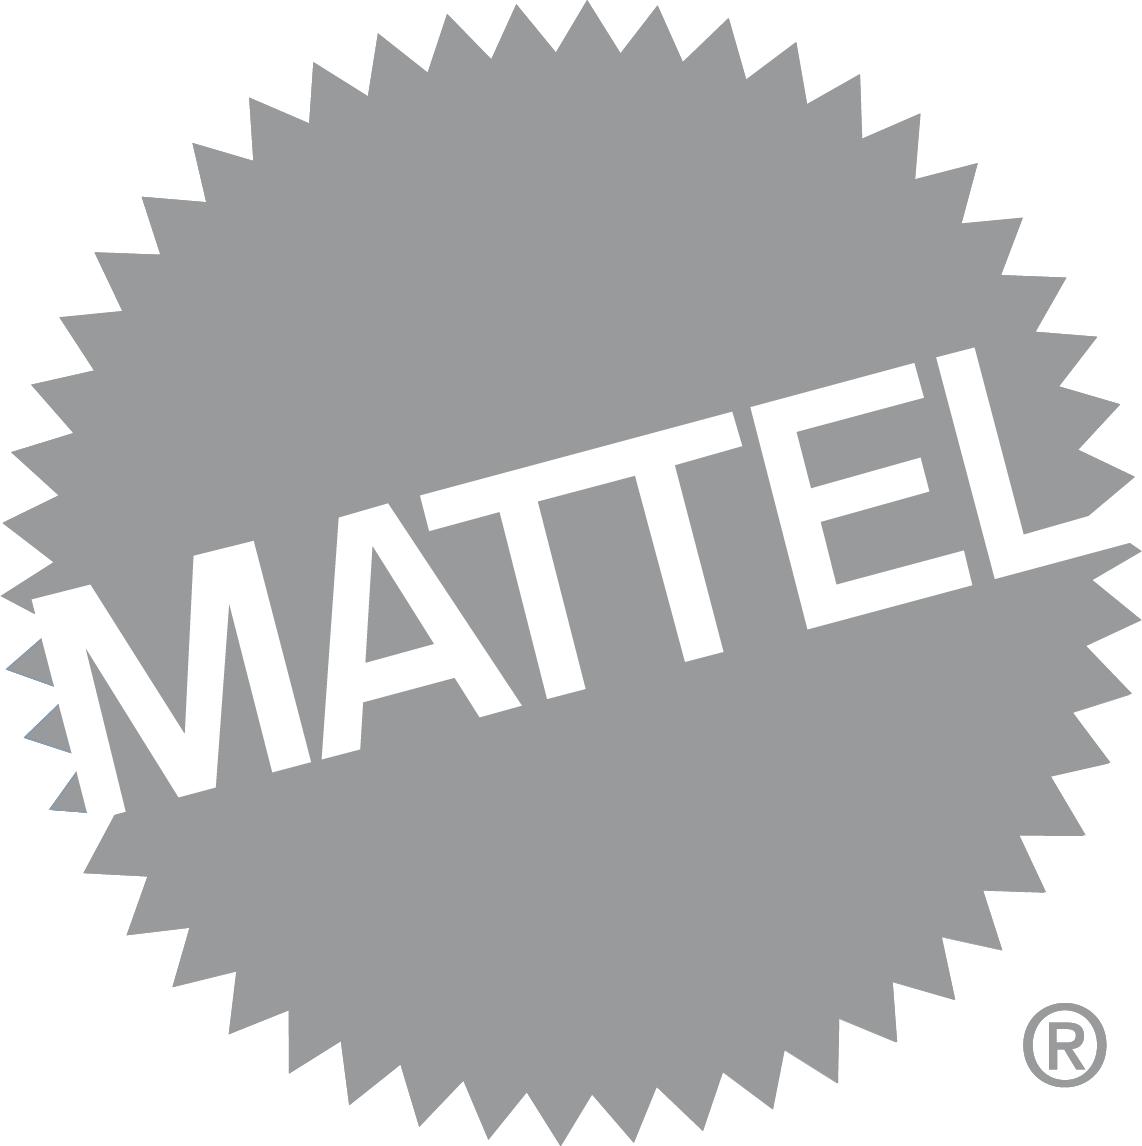 mattel-logo-grey